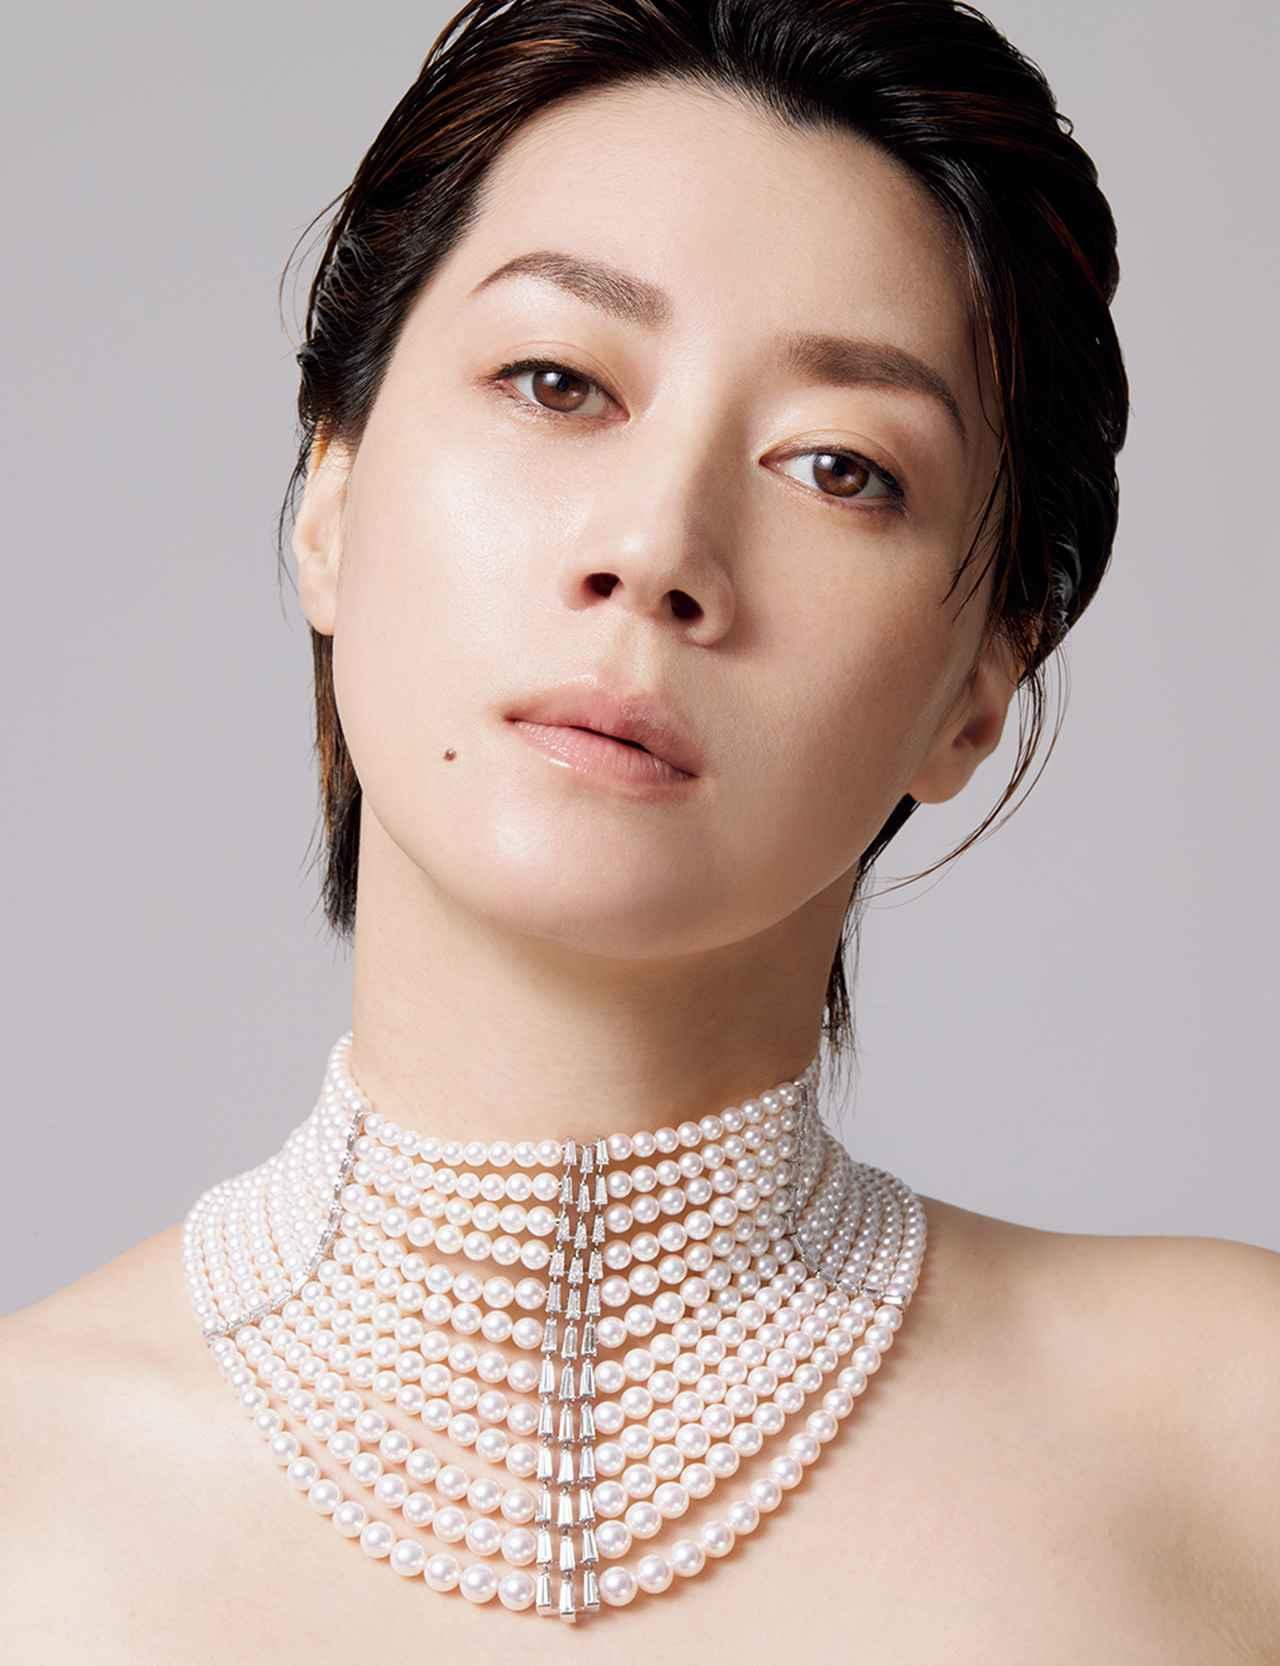 Images : 4番目の画像 - 「凰稀かなめ、奇跡の煌めき」のアルバム - T JAPAN:The New York Times Style Magazine 公式サイト